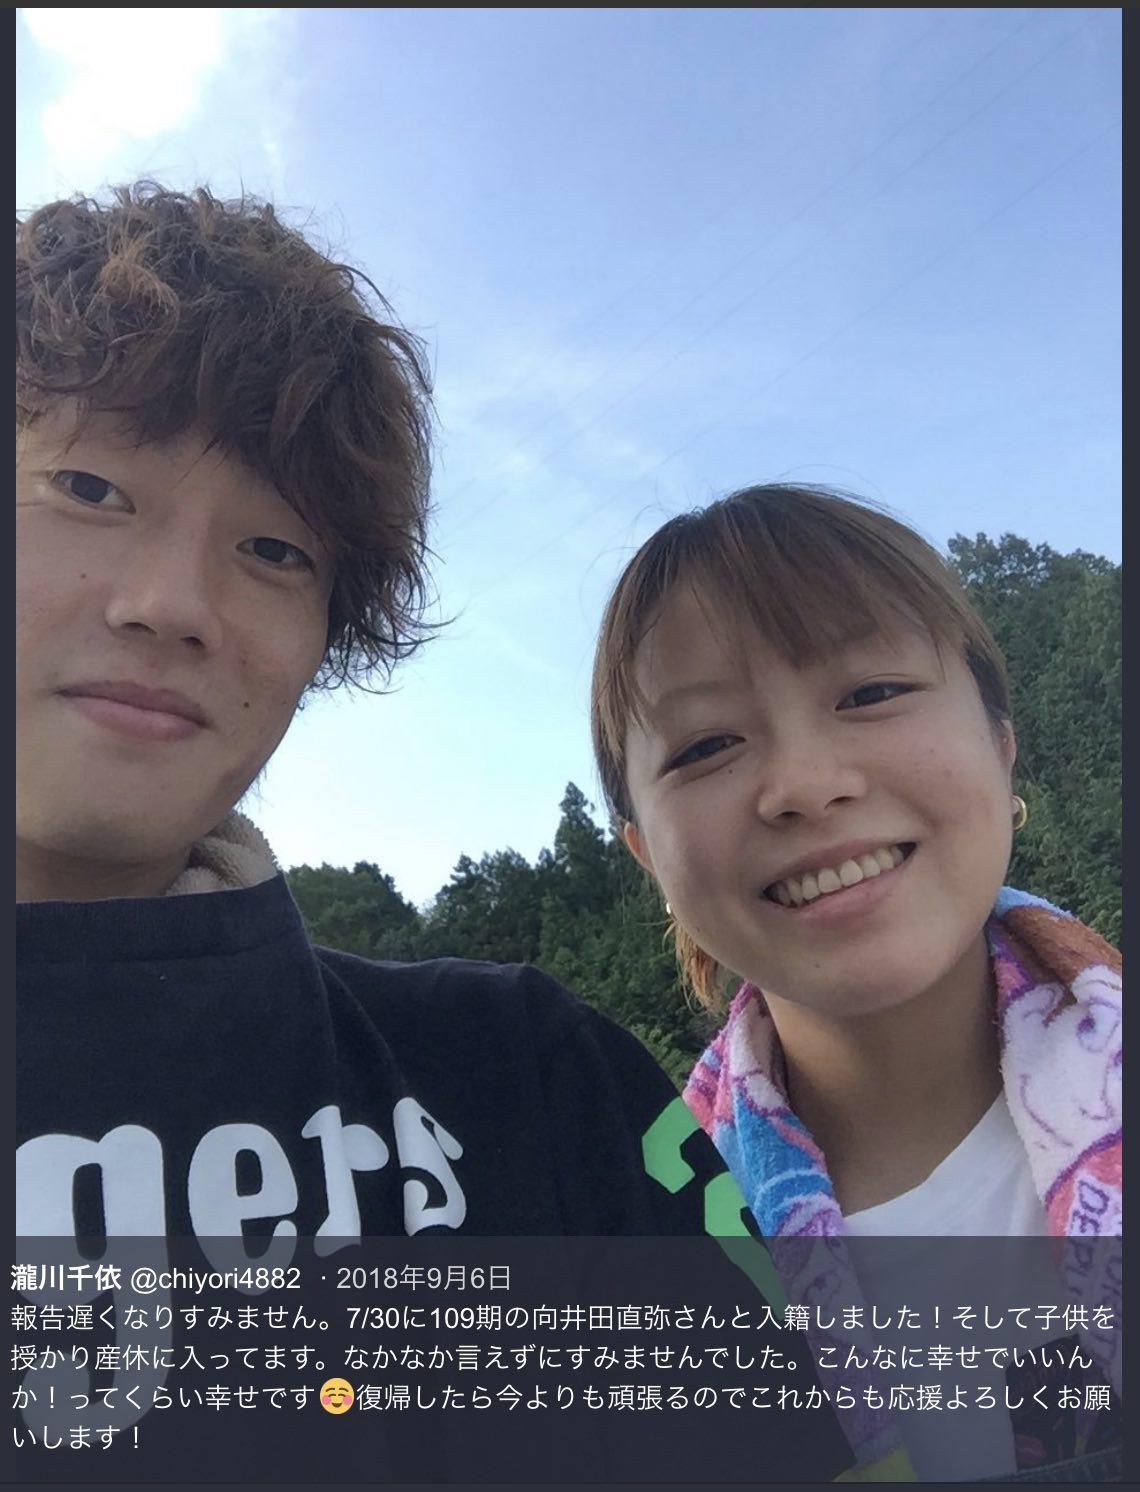 瀧川千依(向井田千依)選手と向井田直弥選手